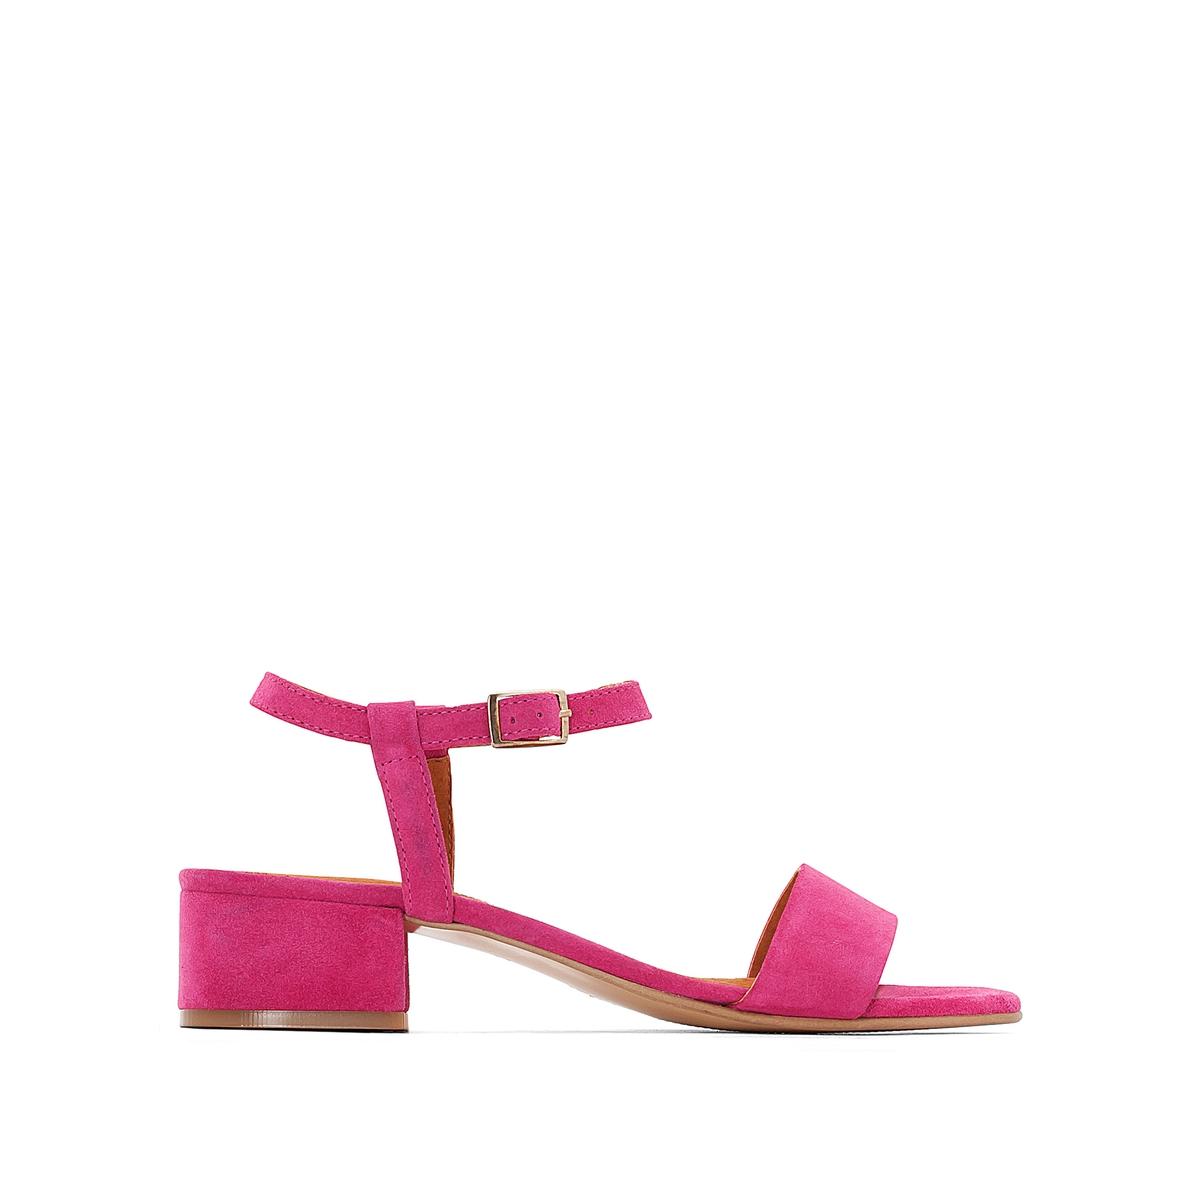 Босоножки кожаные на среднем каблукеВерх : кожа   Подкладка : кожа   Стелька : кожа   Подошва : эластомер   Высота каблука : 4 см   Форма каблука : широкий    Мысок : открытый   Застежка : ремешок с пряжкой    Страна производства : Португалия<br><br>Цвет: розовый фуксия<br>Размер: 37